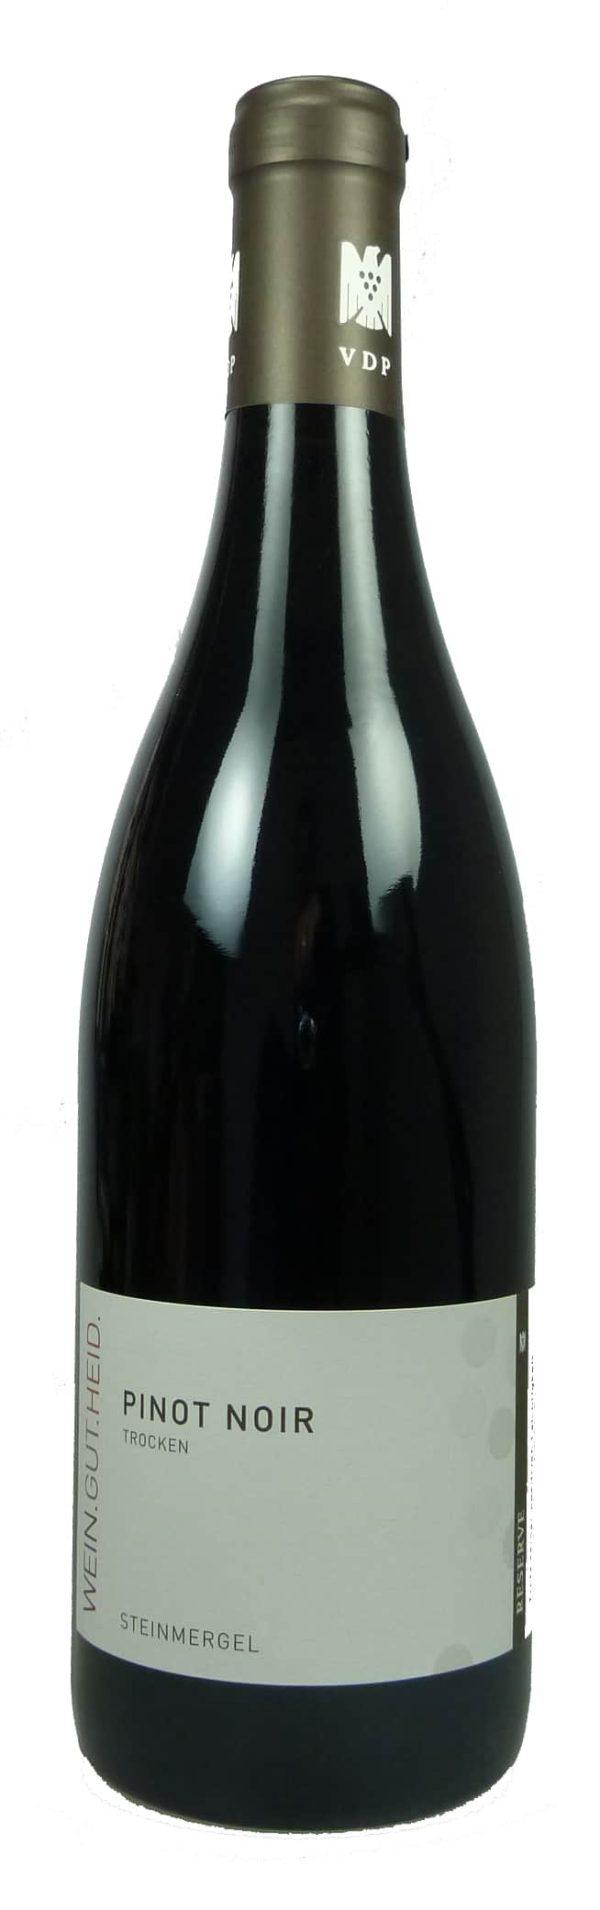 Steinmergel Pinot Noir Qualitätswein trocken 2016